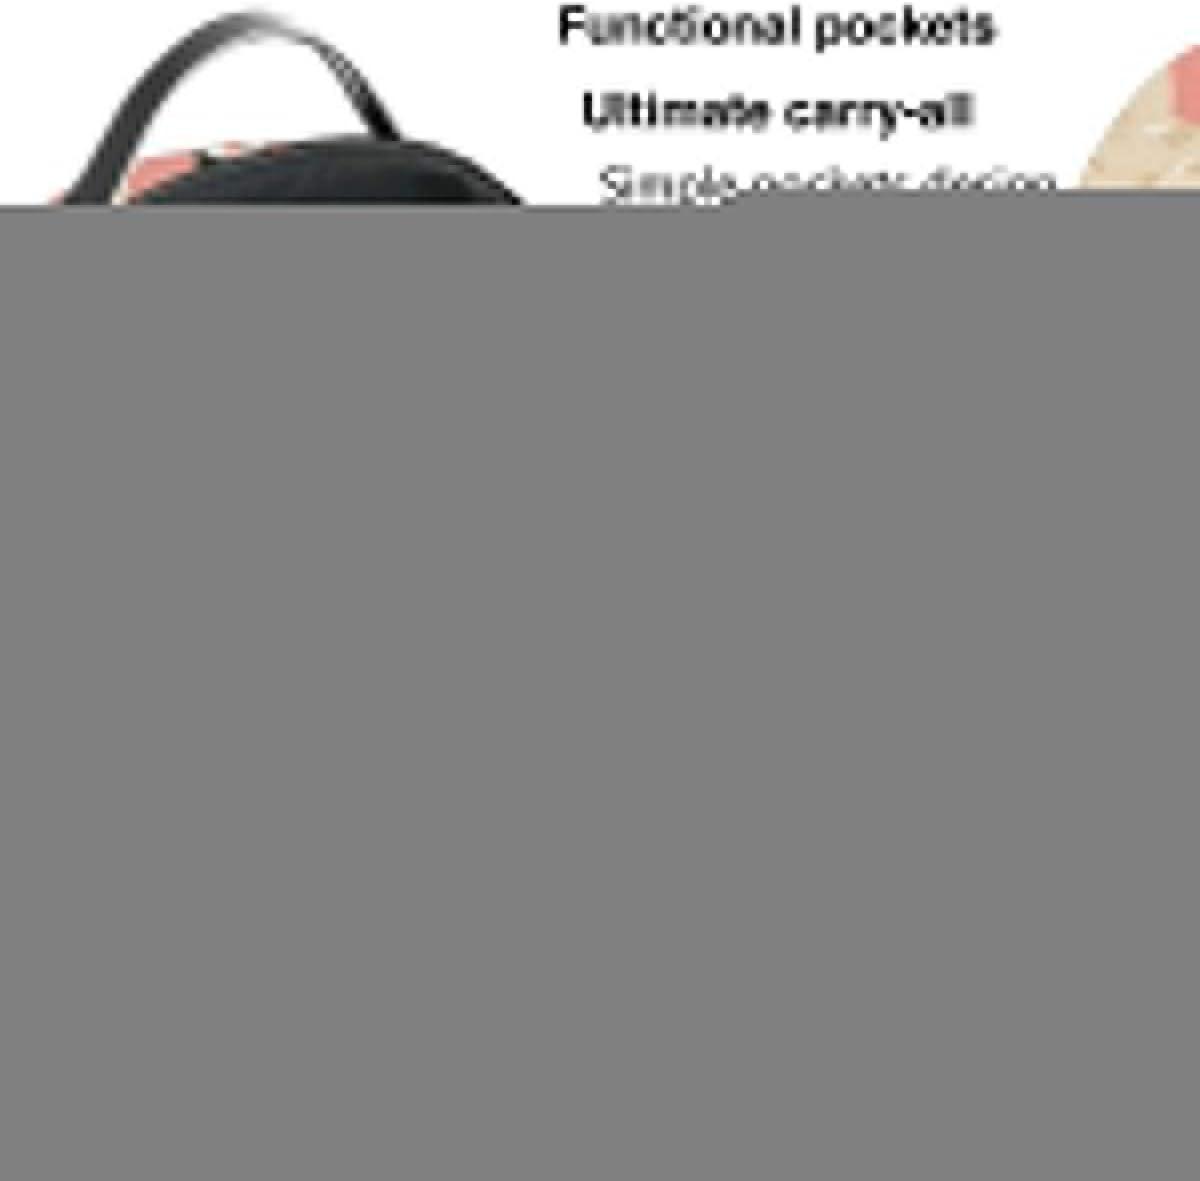 Golden Retriever Sushi Dogs Cute Orange White Side Themed Casual Shoulders Backpack Travel Mini Bookbag Book Back School Bag For Girls Boy Women Men Merchandise